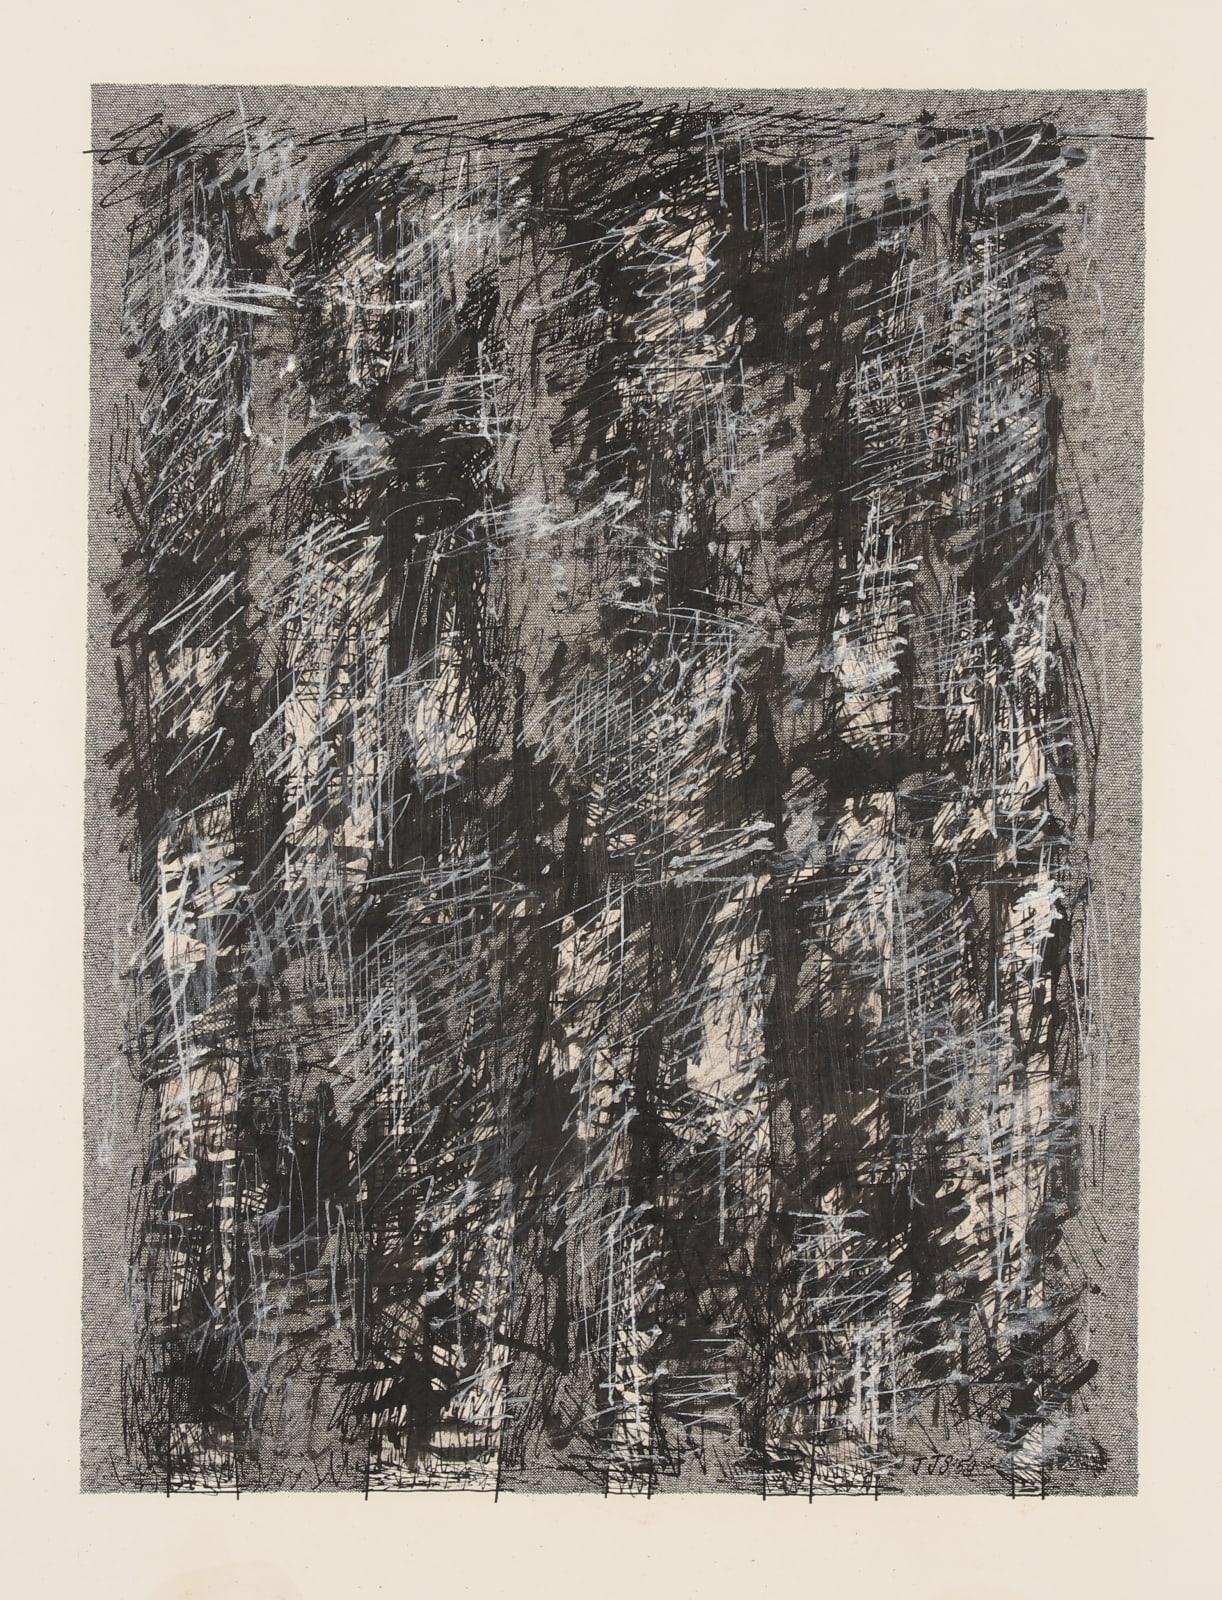 JAN SCHOONHOVEN, Kalligrafie, 1959